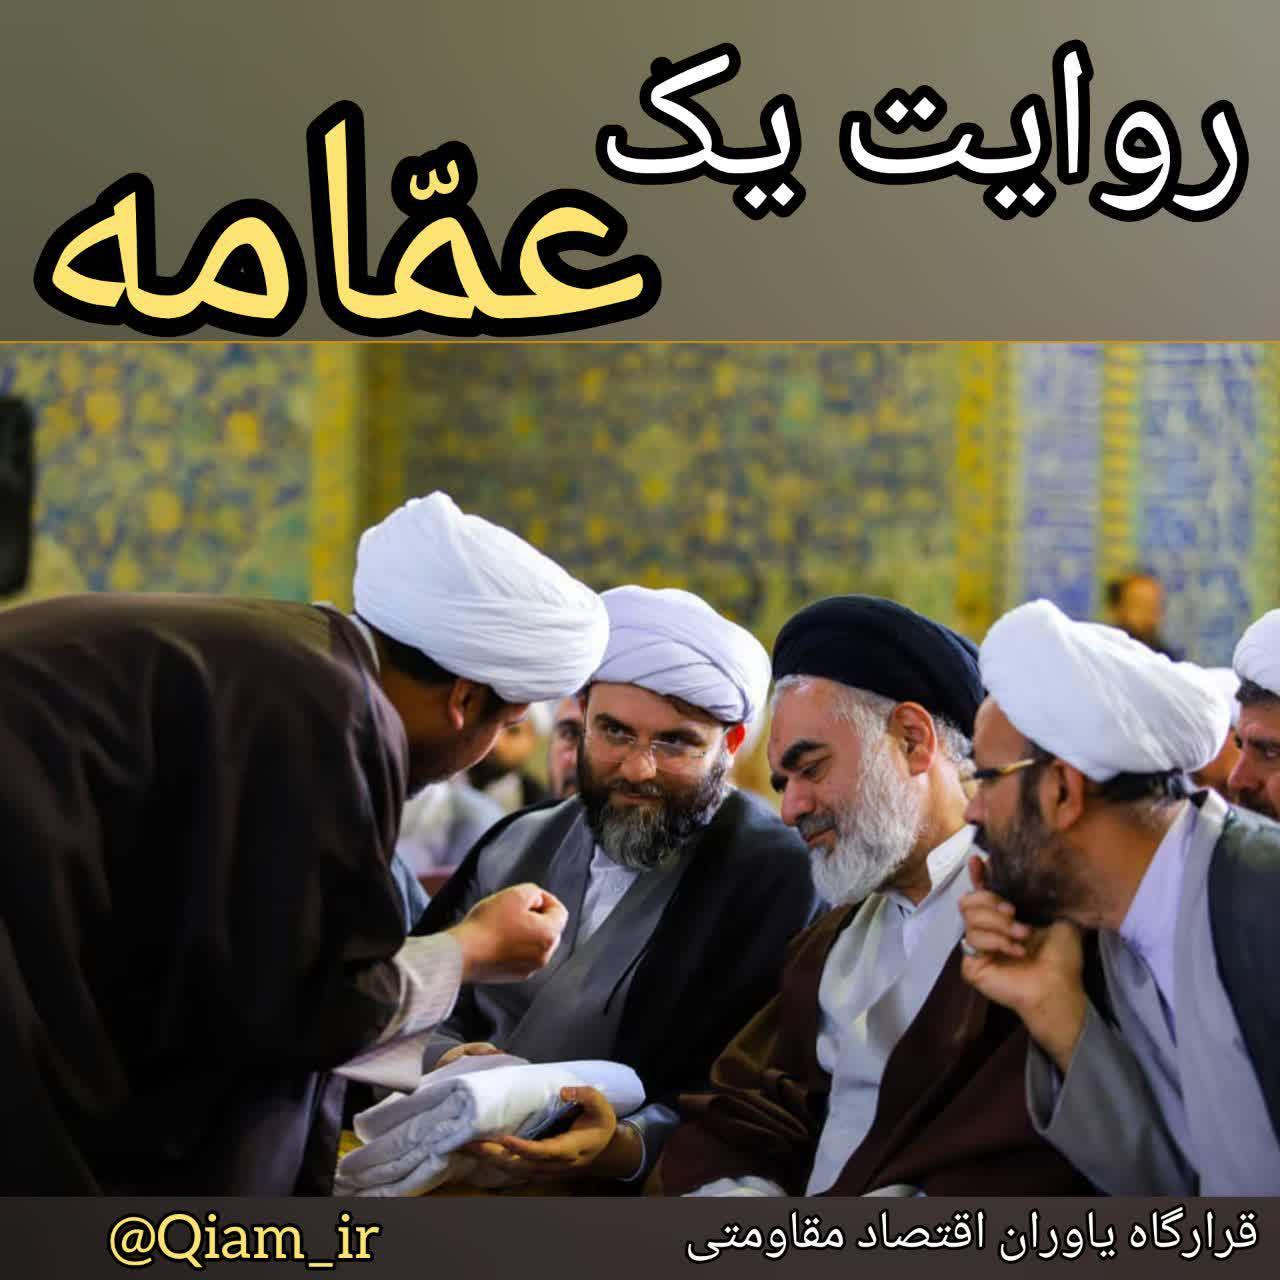 حجت الاسلام شاهحسینی، اولین محصول کارگاه را به حجت الاسلام والمسلمین محمد قمی هدیه میدهد